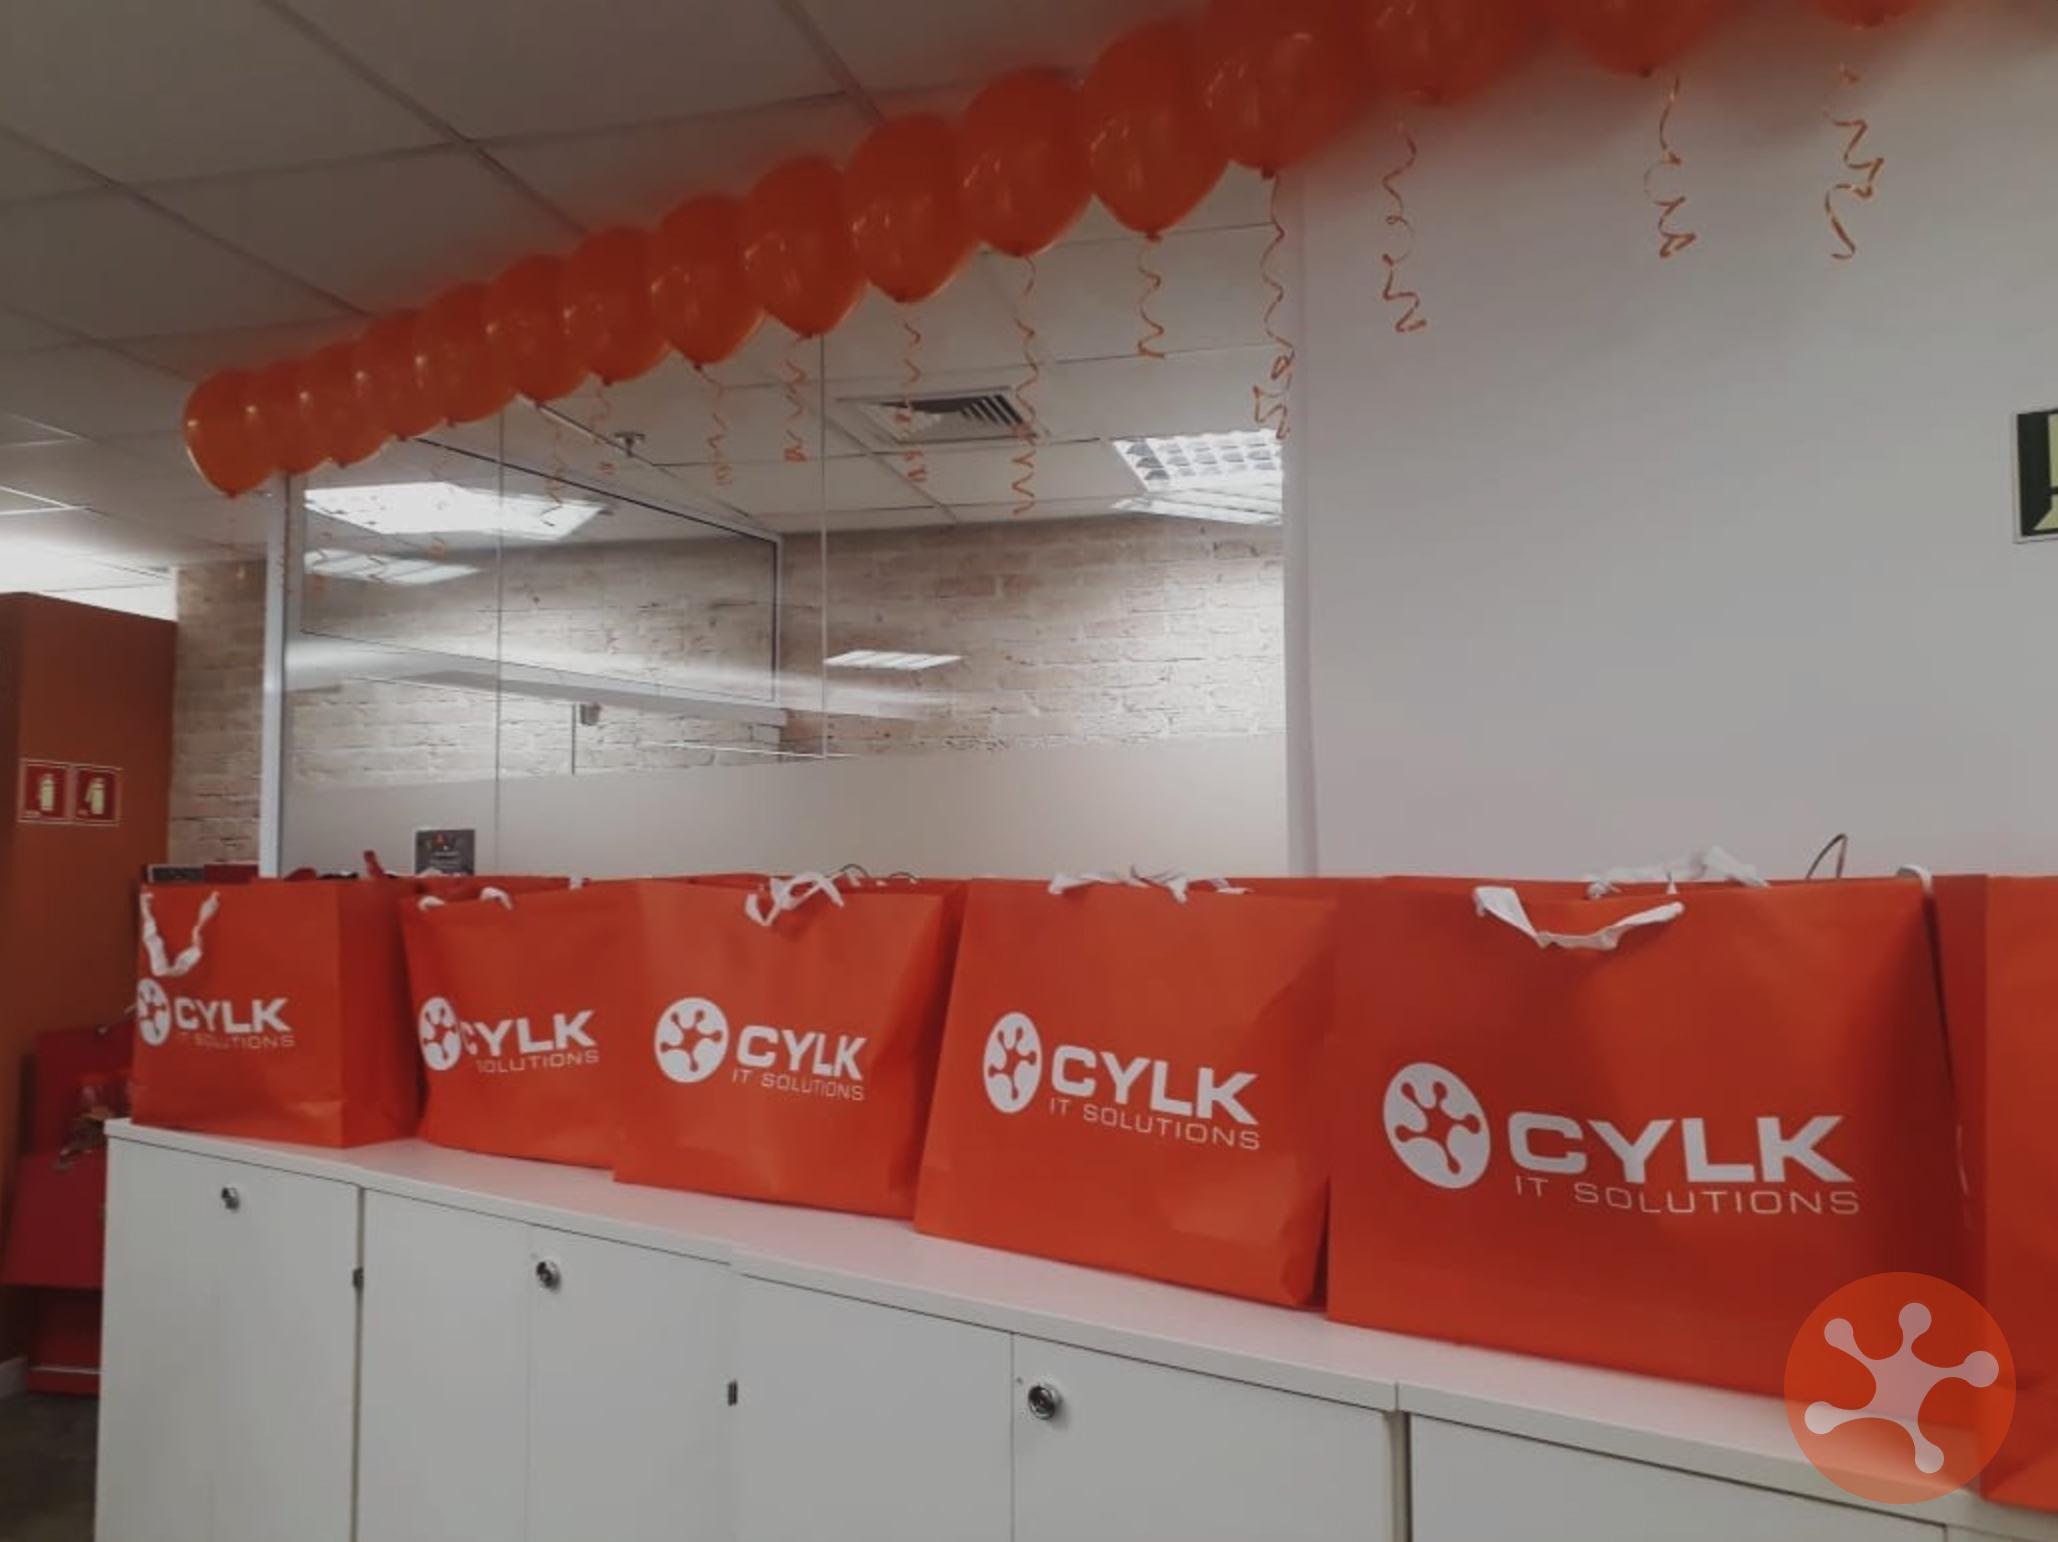 CYLK promoveu ação solidária em prol do Hospital Darcy Vargas.